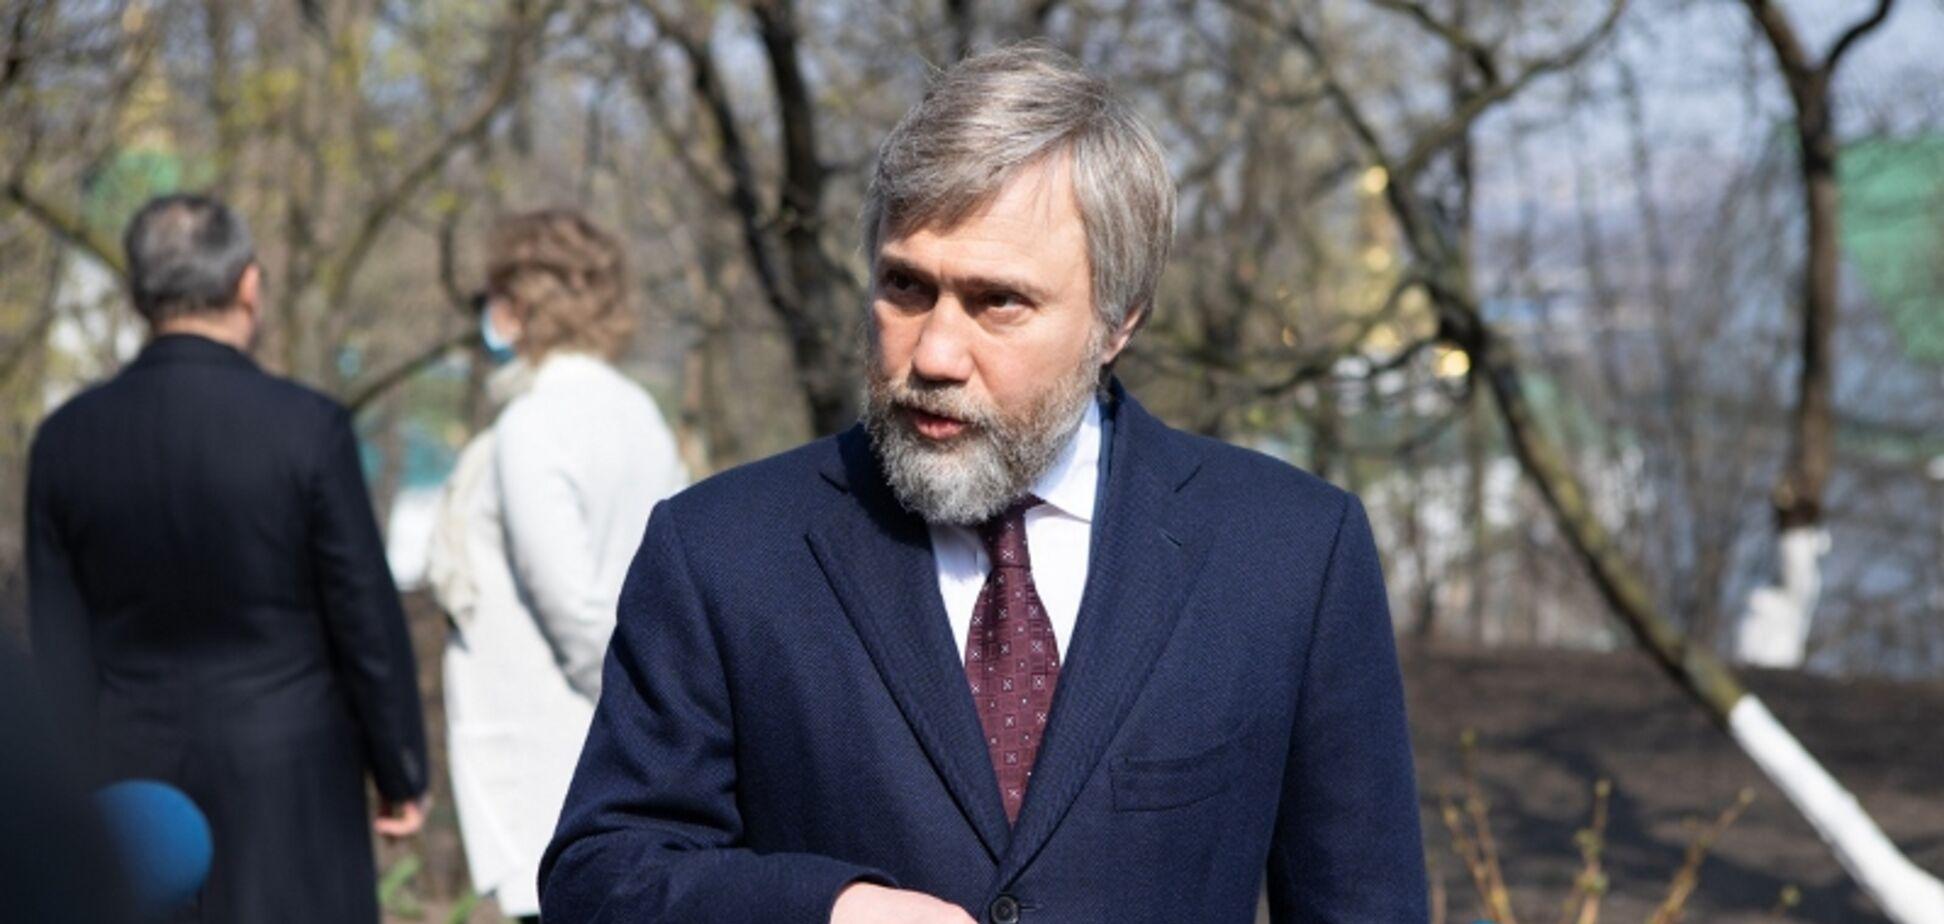 Церква з фондом Новинського передали гуманітарну допомогу Олександрівській лікарні у Києві